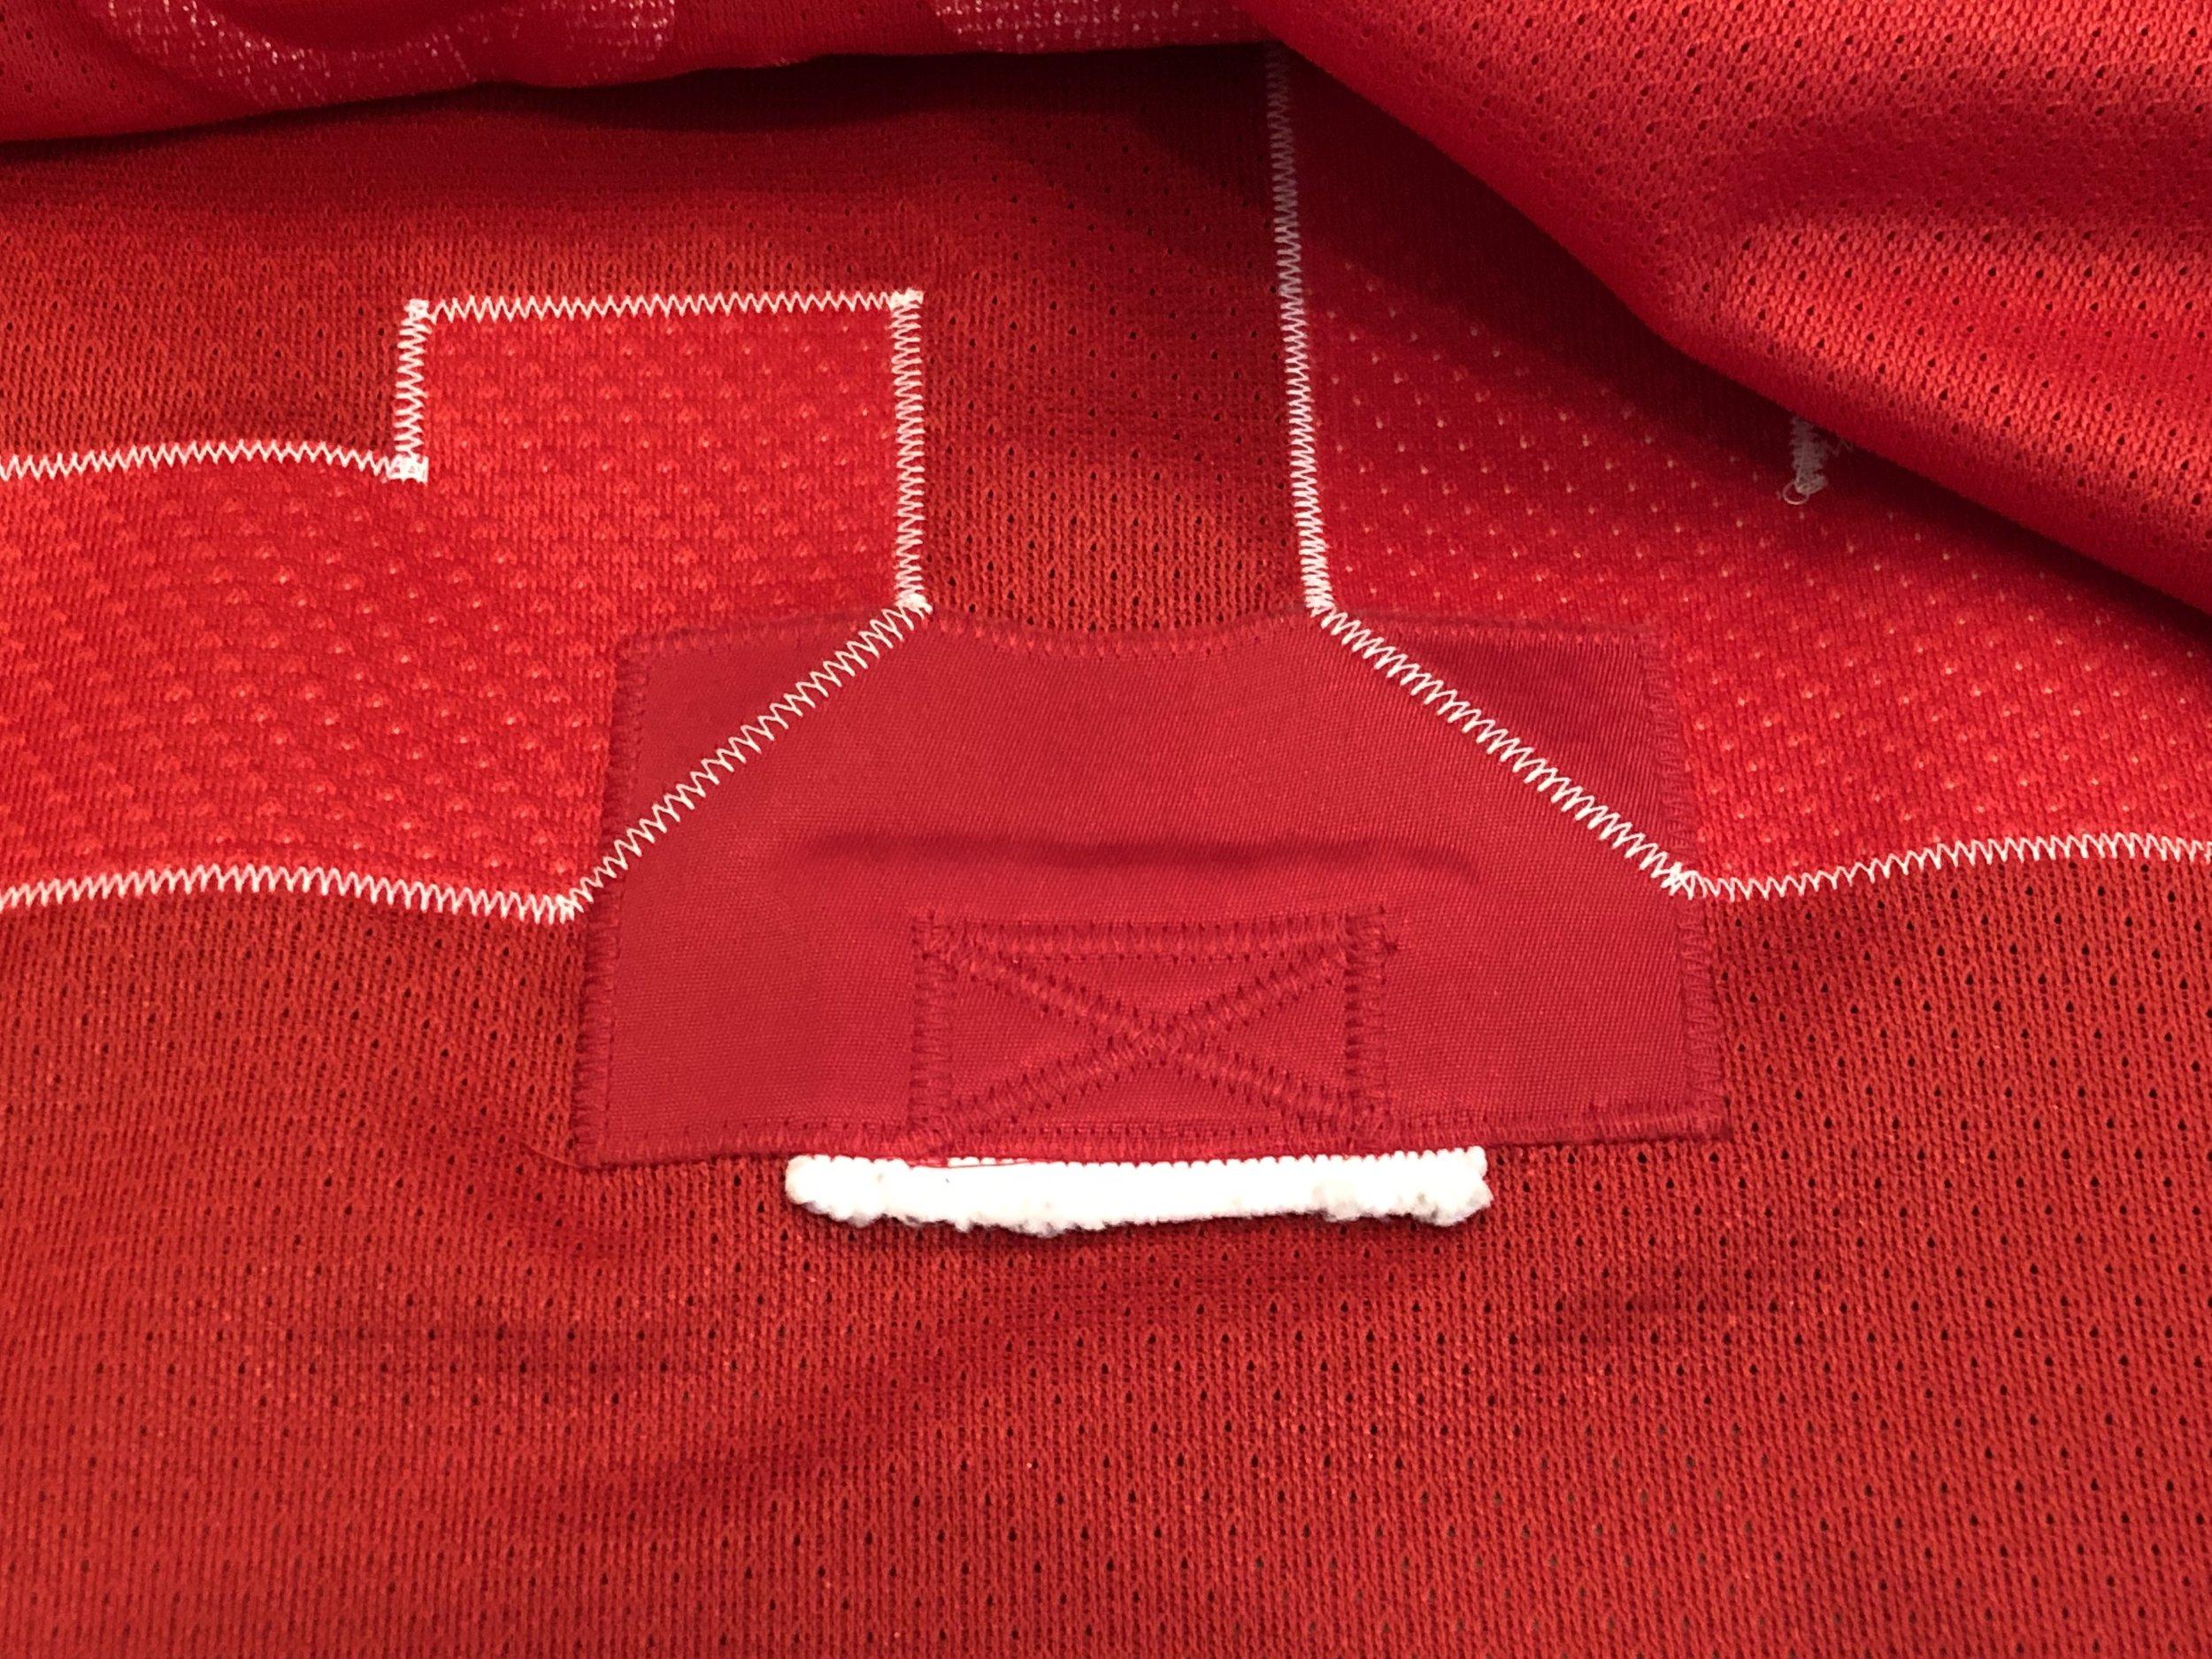 Jerseys-188.jpg